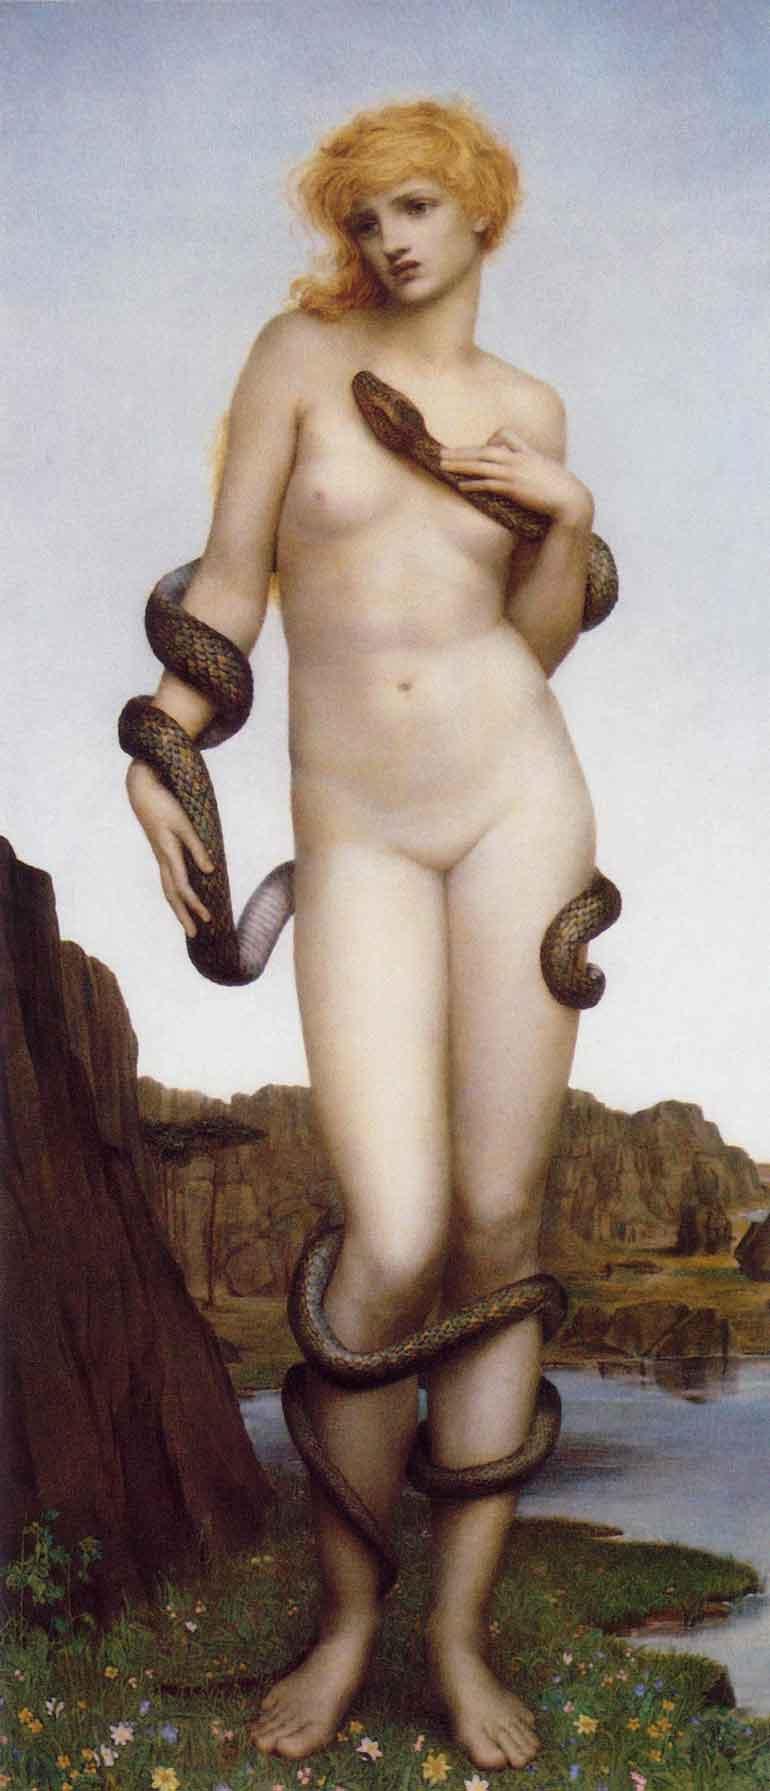 Mitología griega - Página 4 CadmusHarmoniaEvelynMorgan